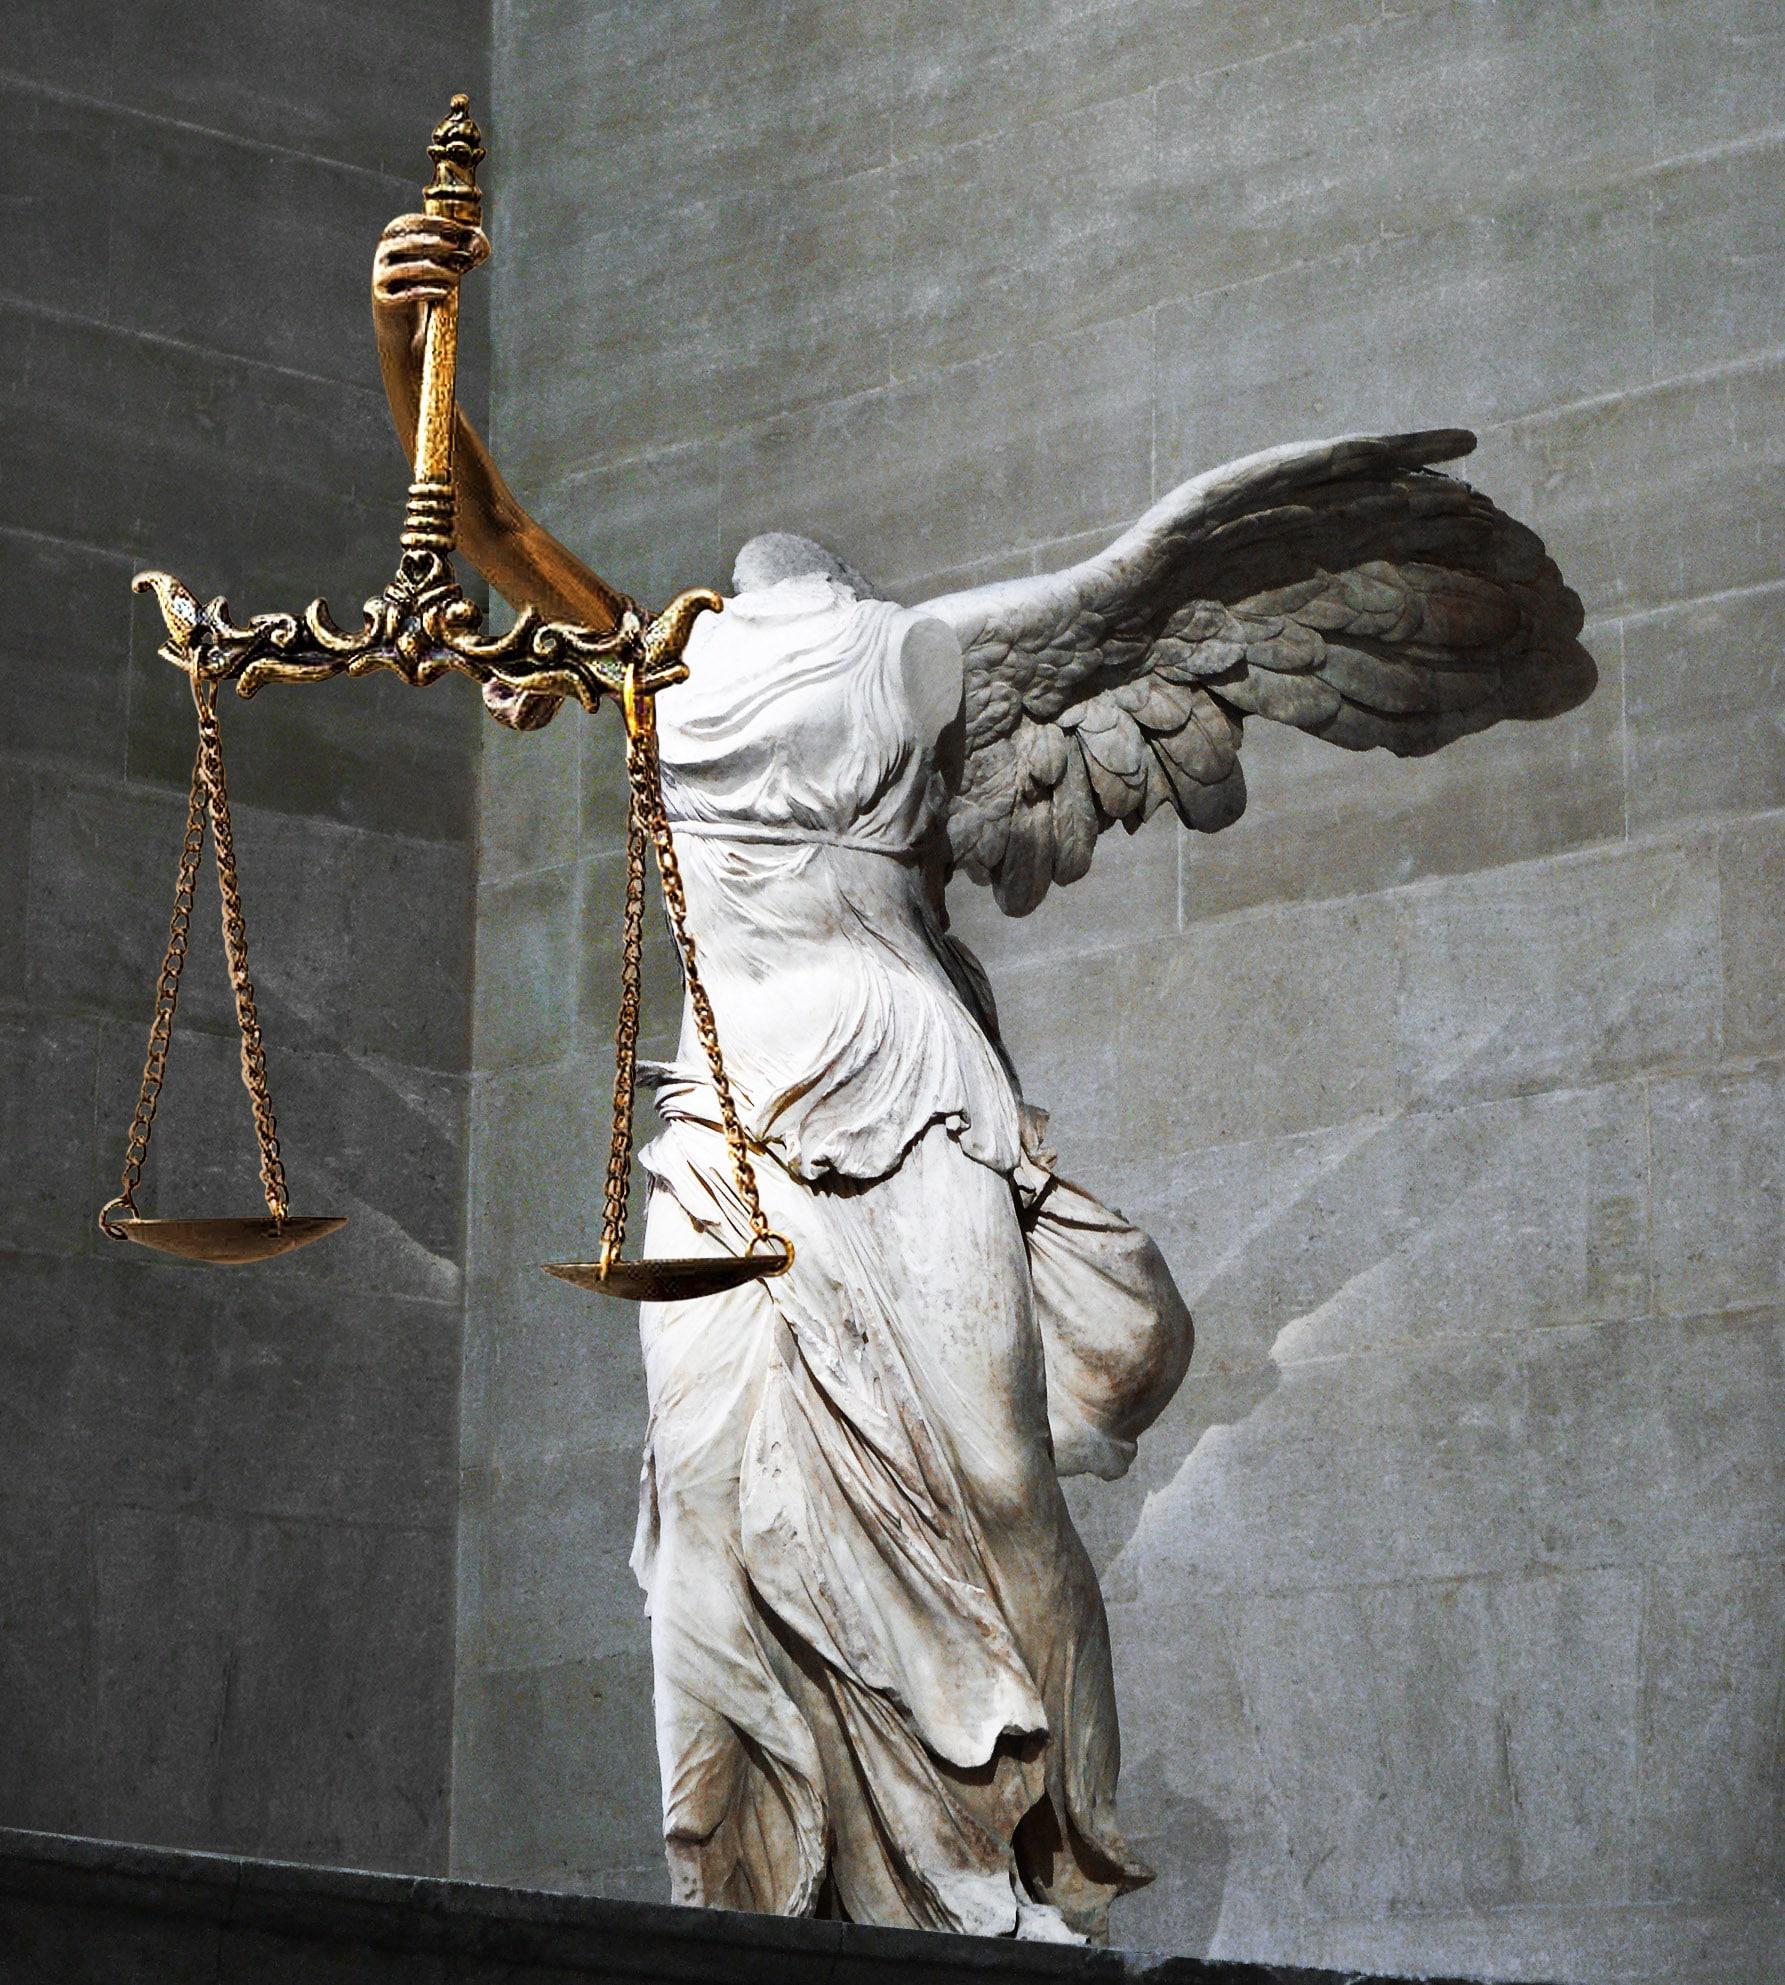 Η Δικαιοσύνη ΝΙΚΗσε/Justice leading NIKE